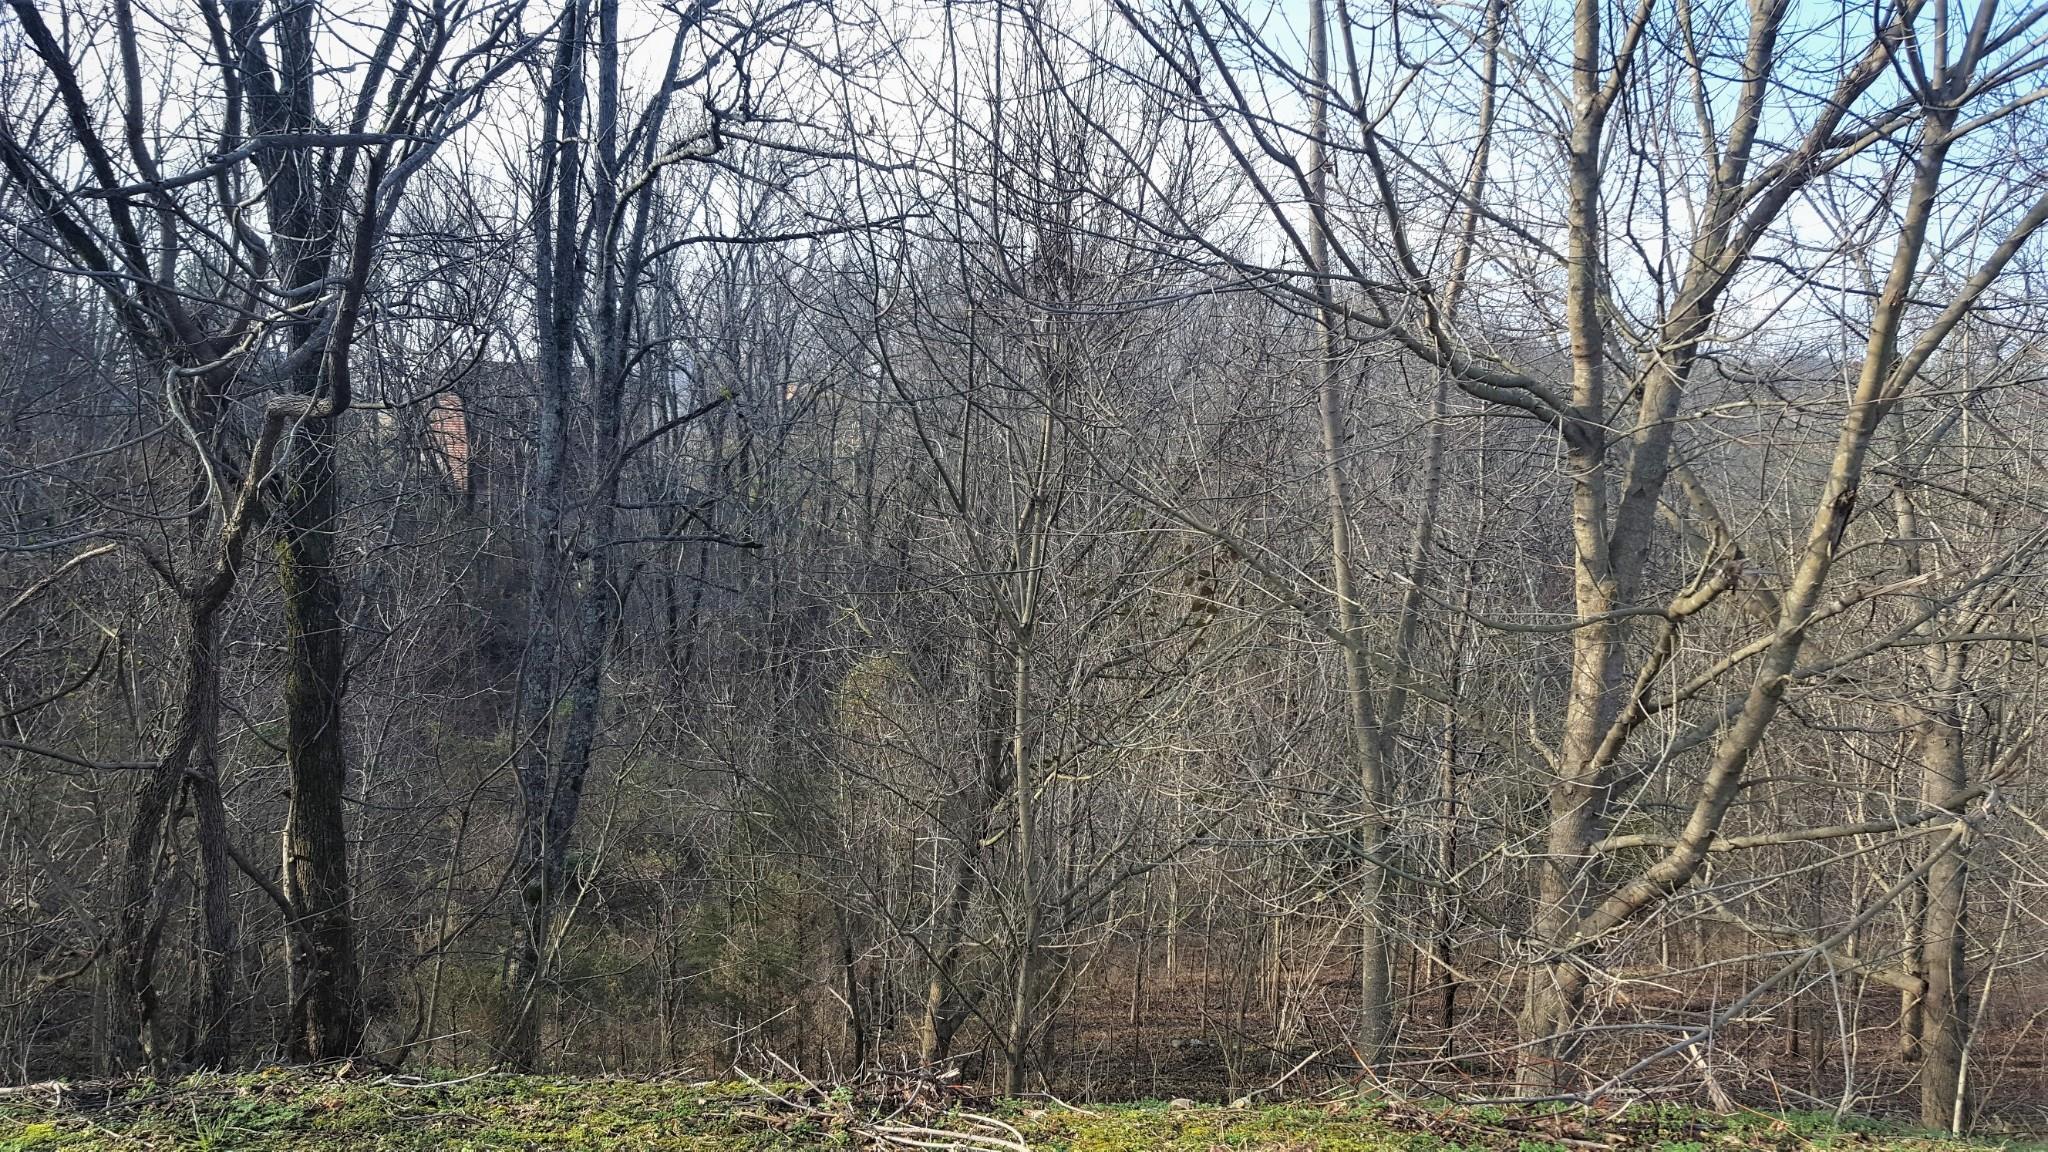 0 Highbridge DR, Smithville, TN 37166 - Smithville, TN real estate listing